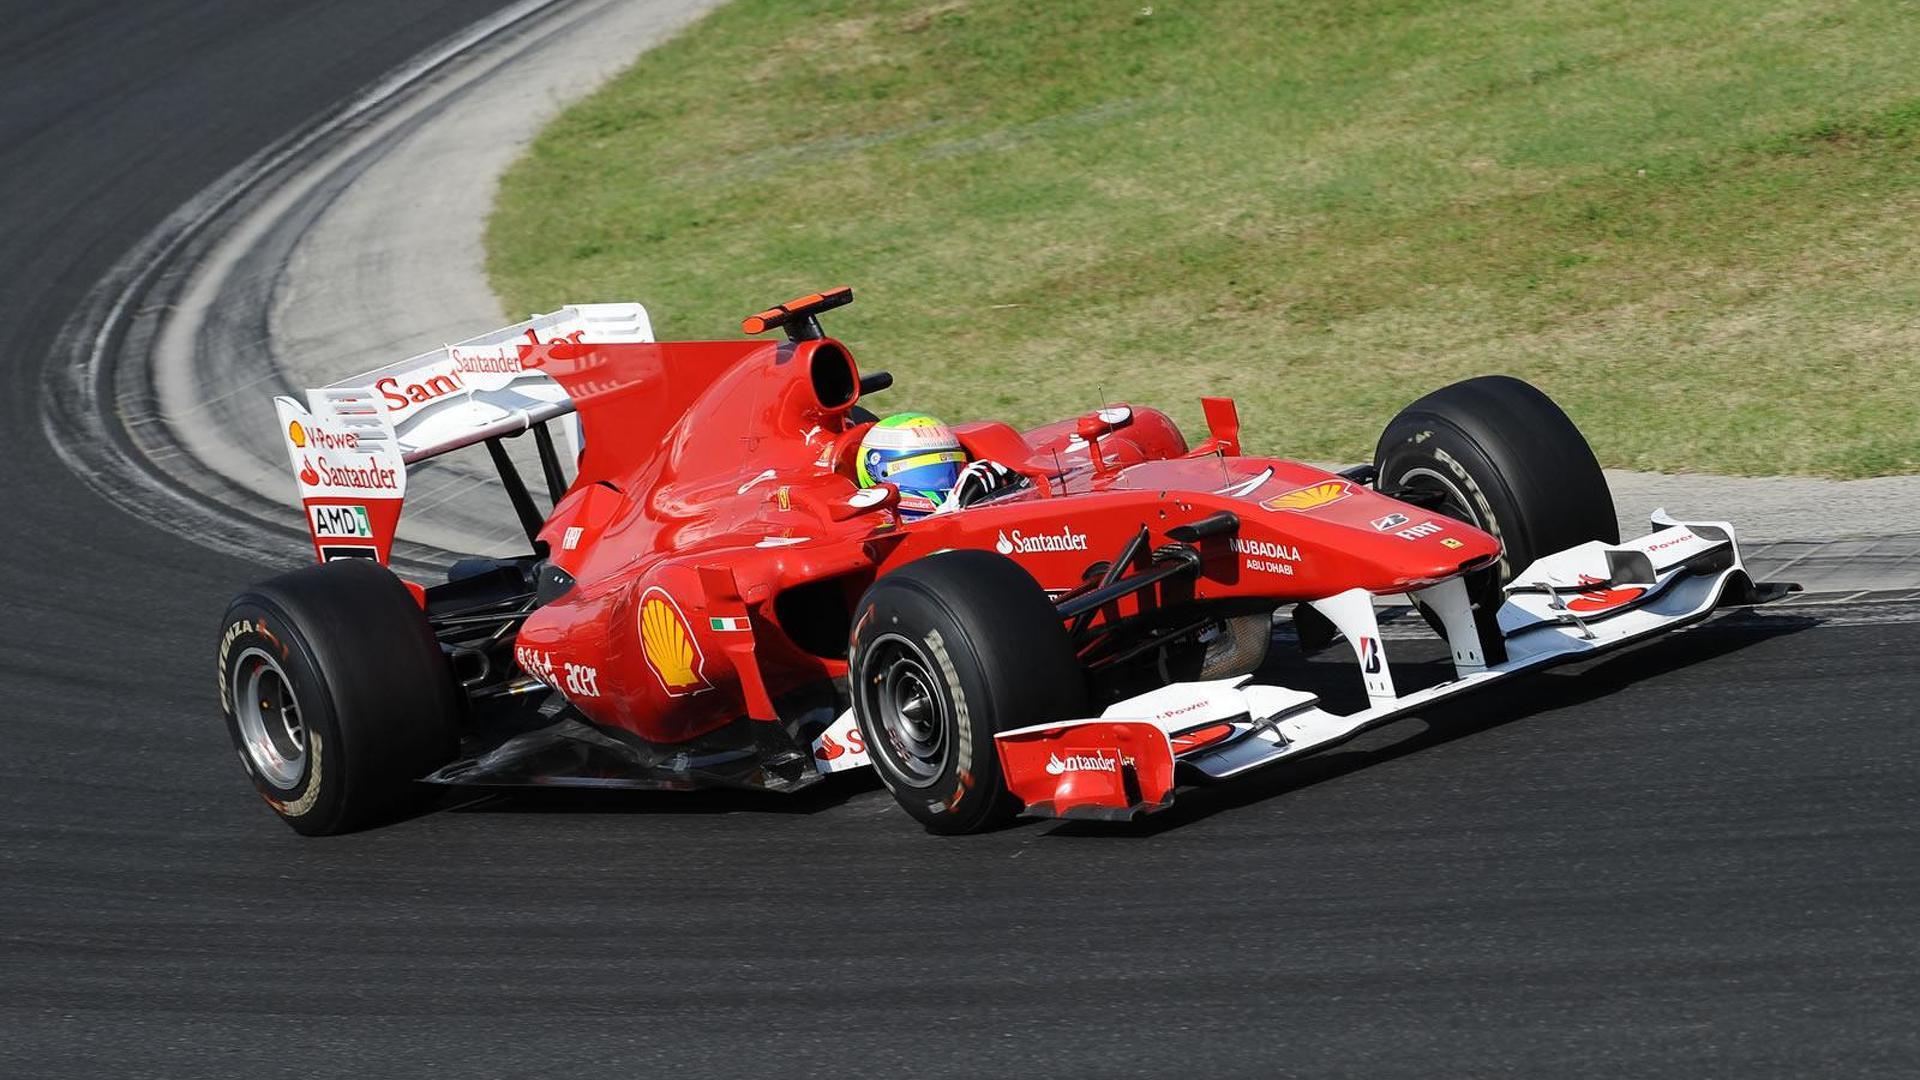 Ferrari running through 2010 engine allocation